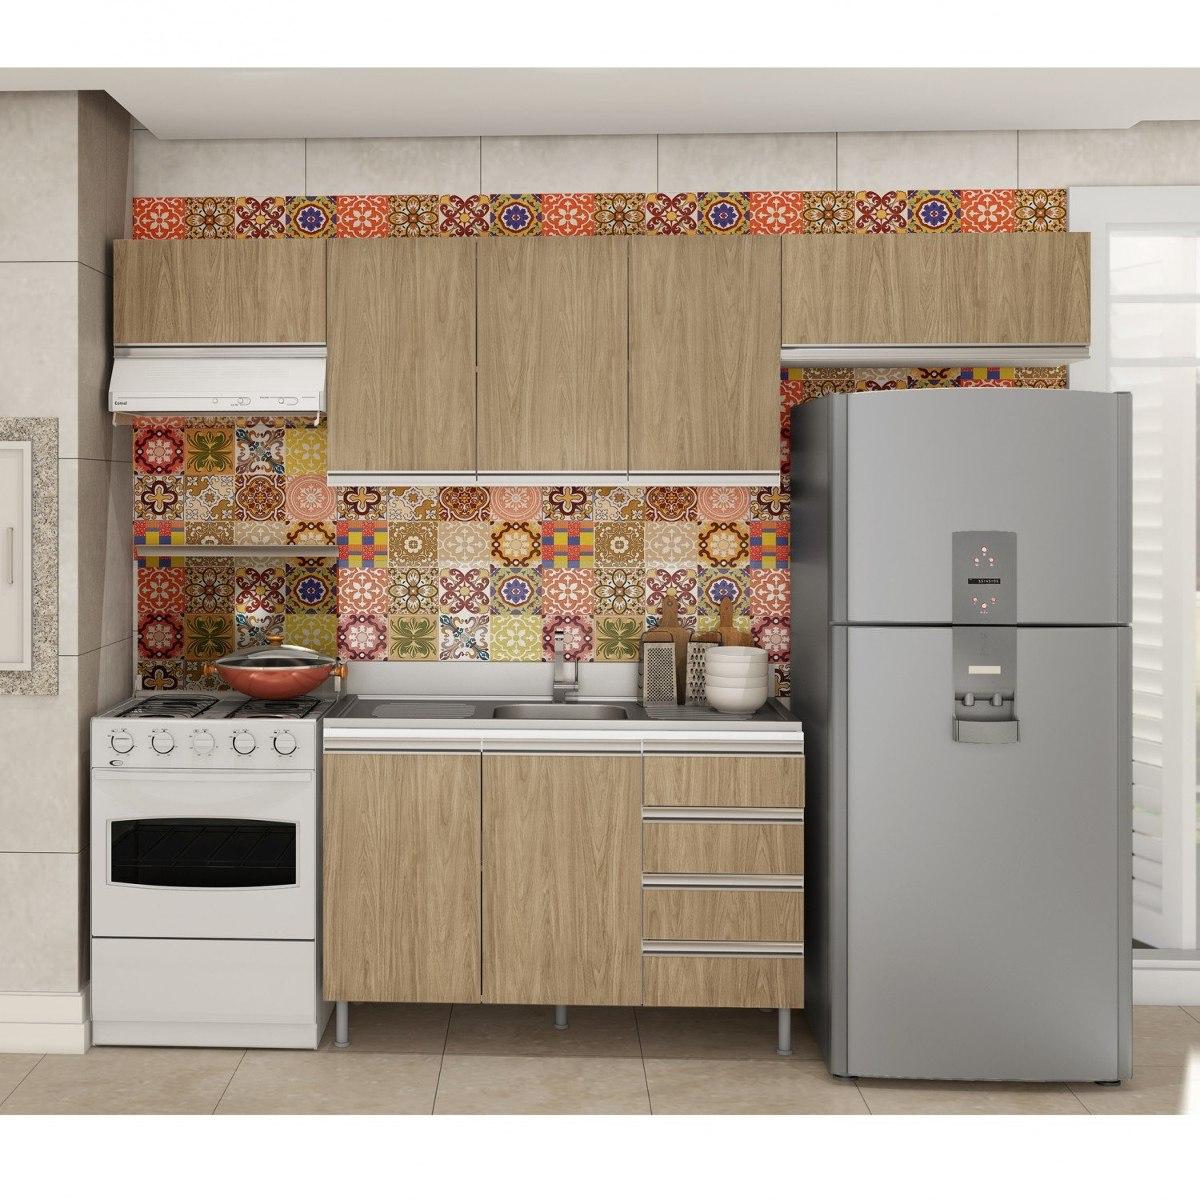 Cozinha Completa Com Balc O Sem Tampo 4 Pe As Verona Fe R 1 159